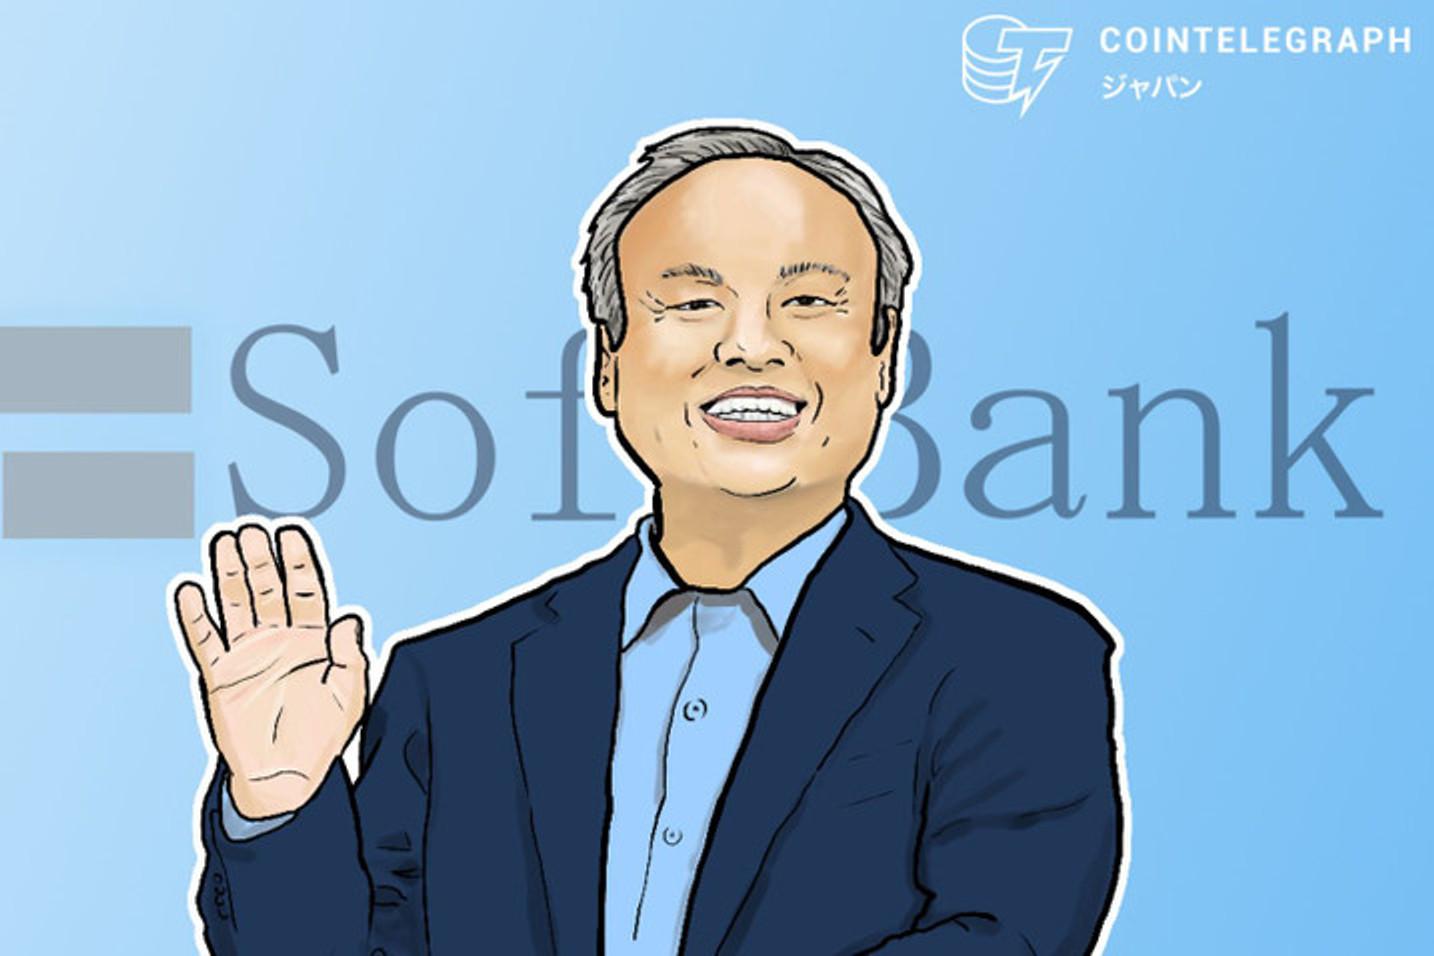 「仮想通貨ビットコインは理解できない」ソフトバンク孫社長が発言|過去に投資も「気が散った」=ビジネスインサイダー報道